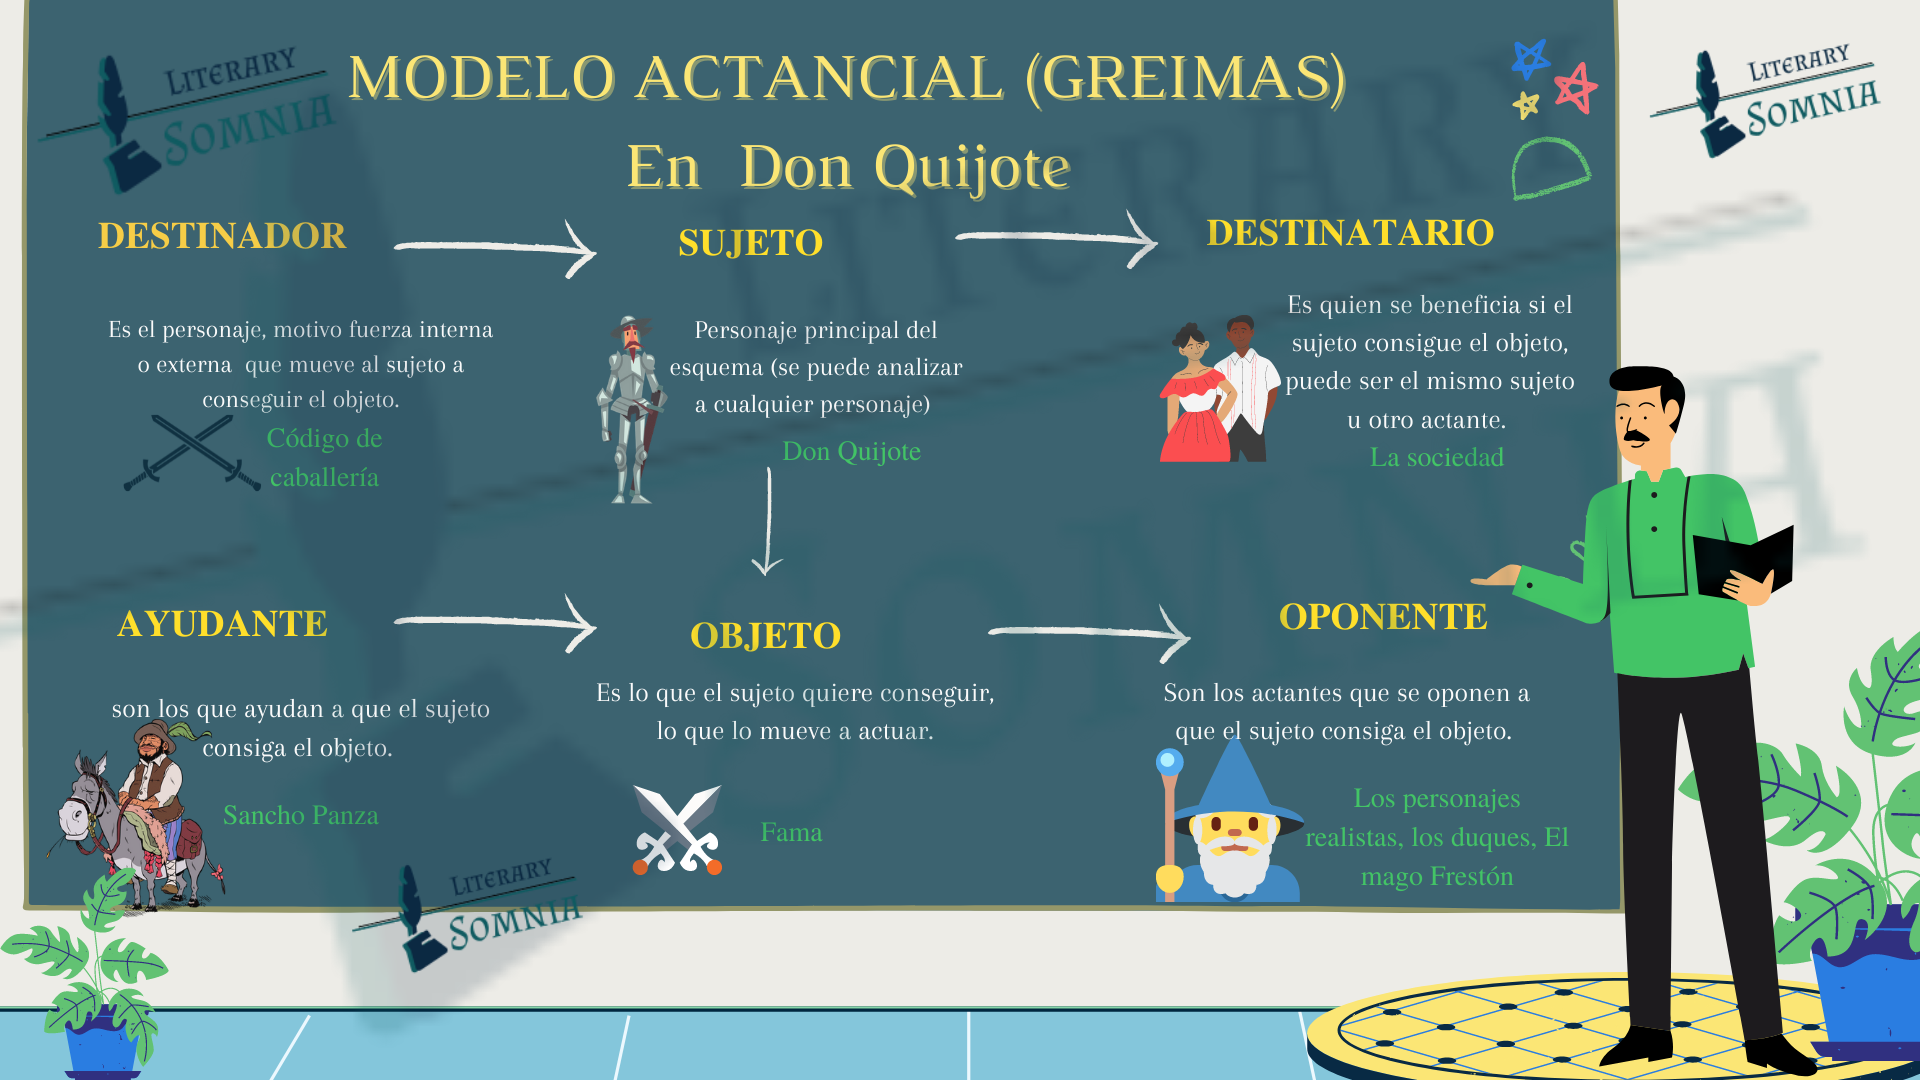 Modelo actancial Greimas de don quijote